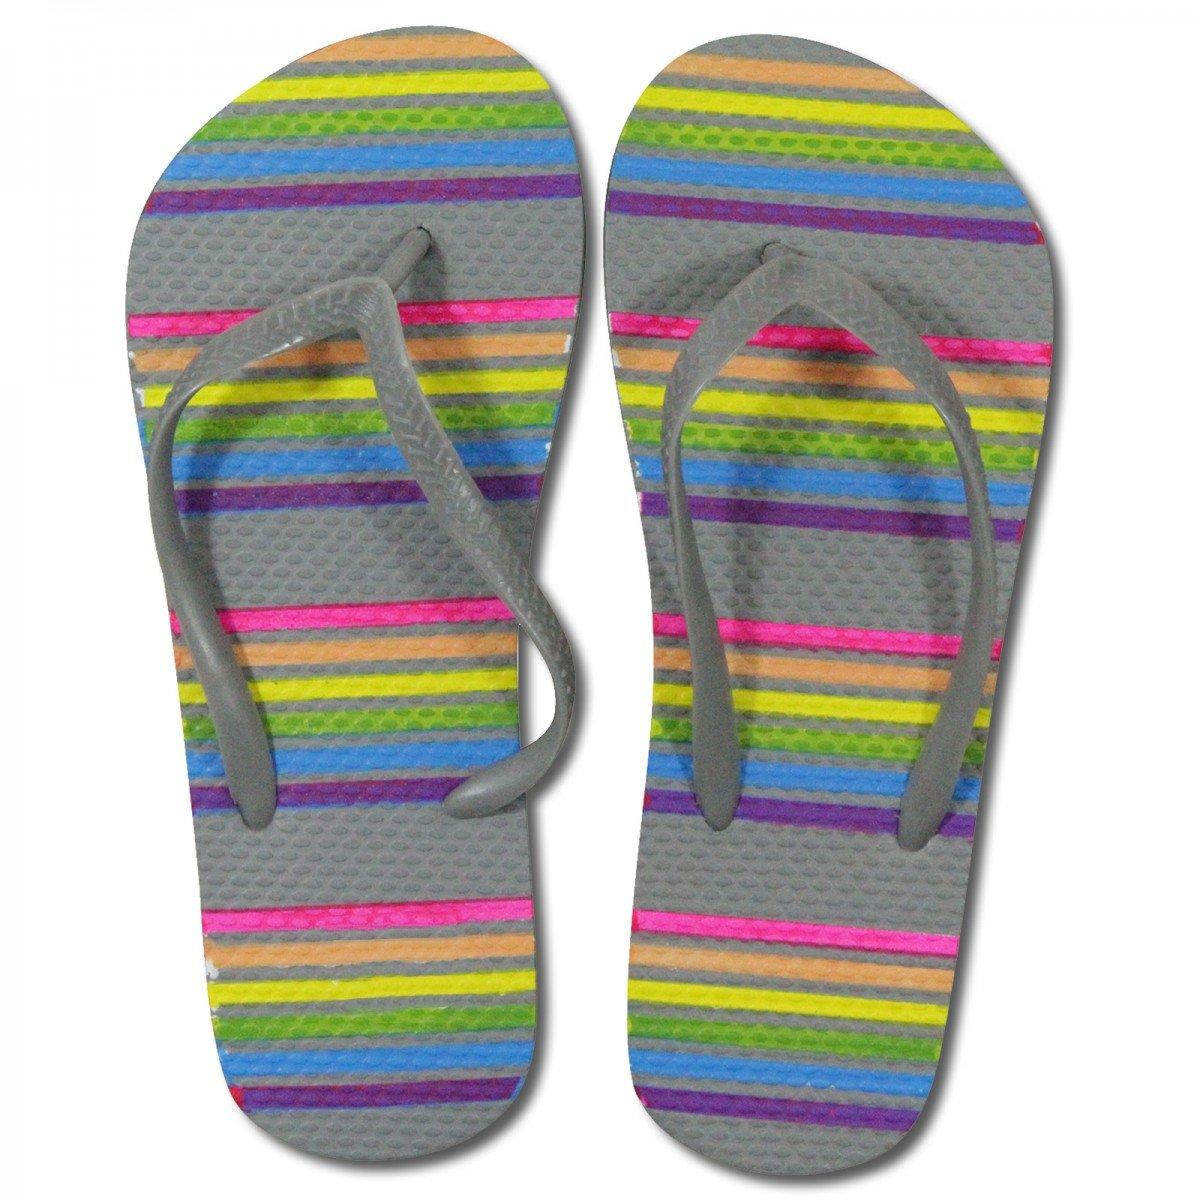 Damen Sandalen Zehentrenner gemustert in verschiedenen Größen, Größe:38/39, Farbe:pink/weiß/schwarz